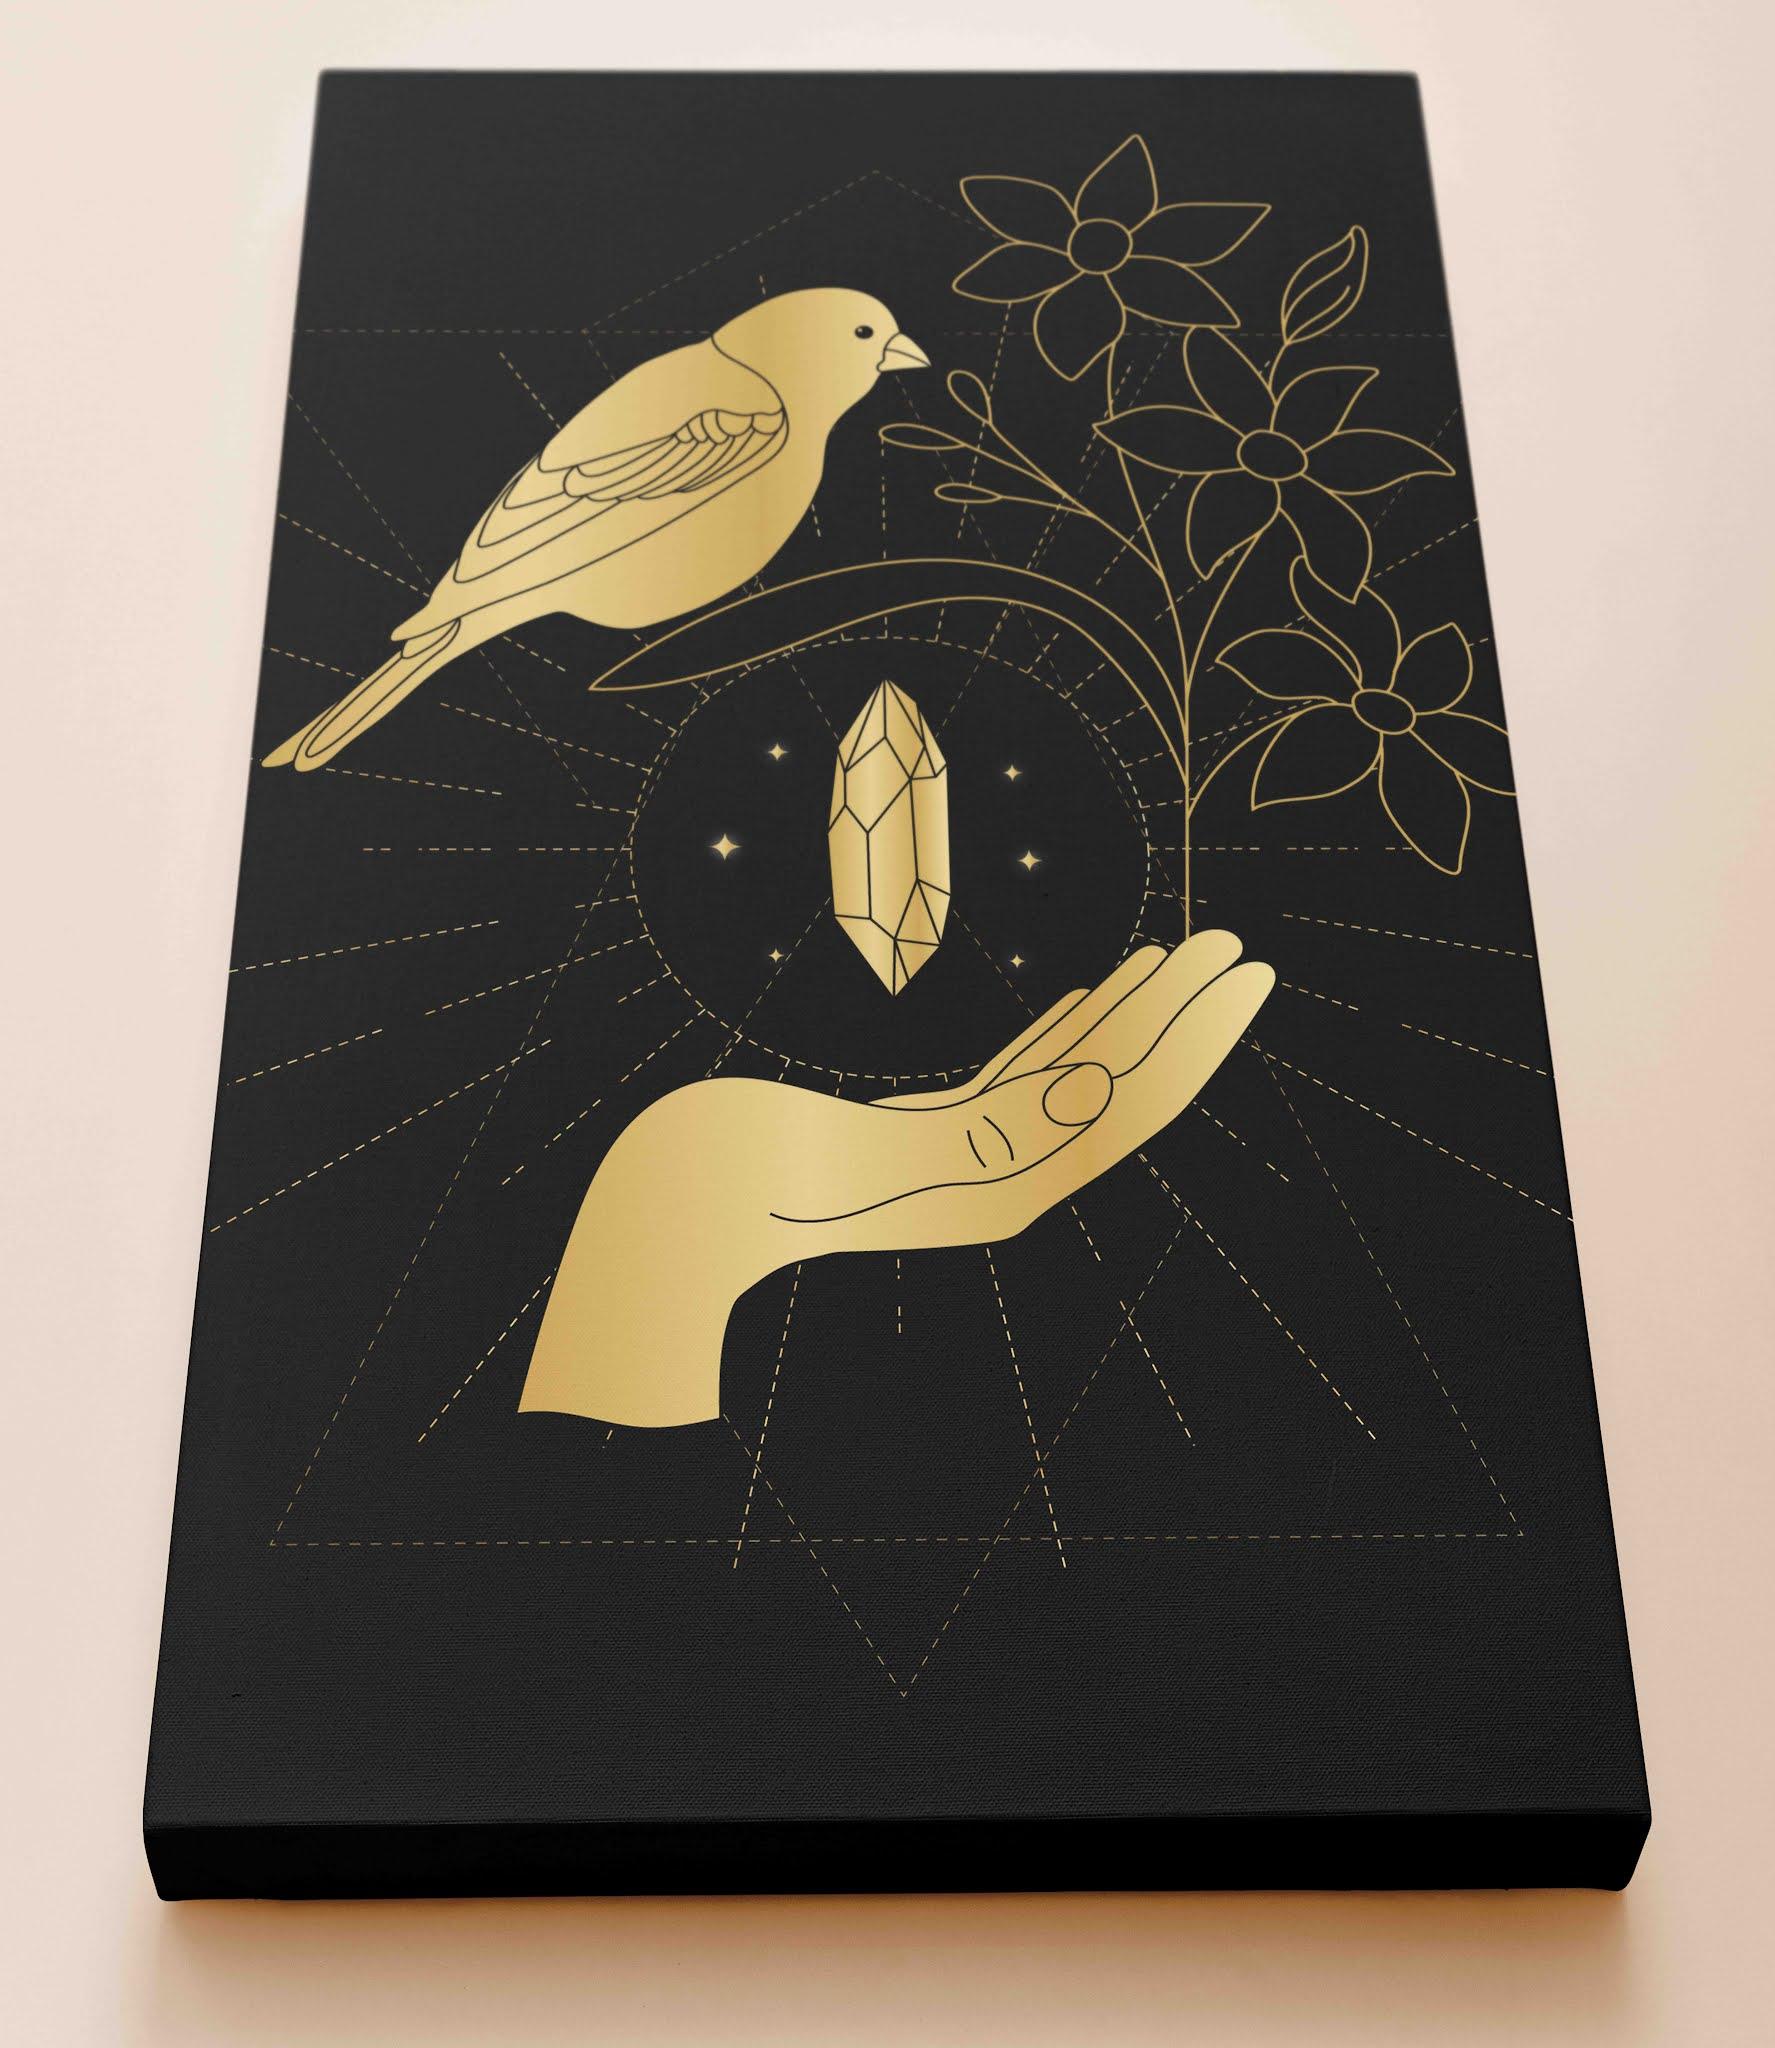 تابلوهات مخصصة للطباعة باللون الاسود مزخرفة بنقوش ذهبية جمال واناقة التصميم